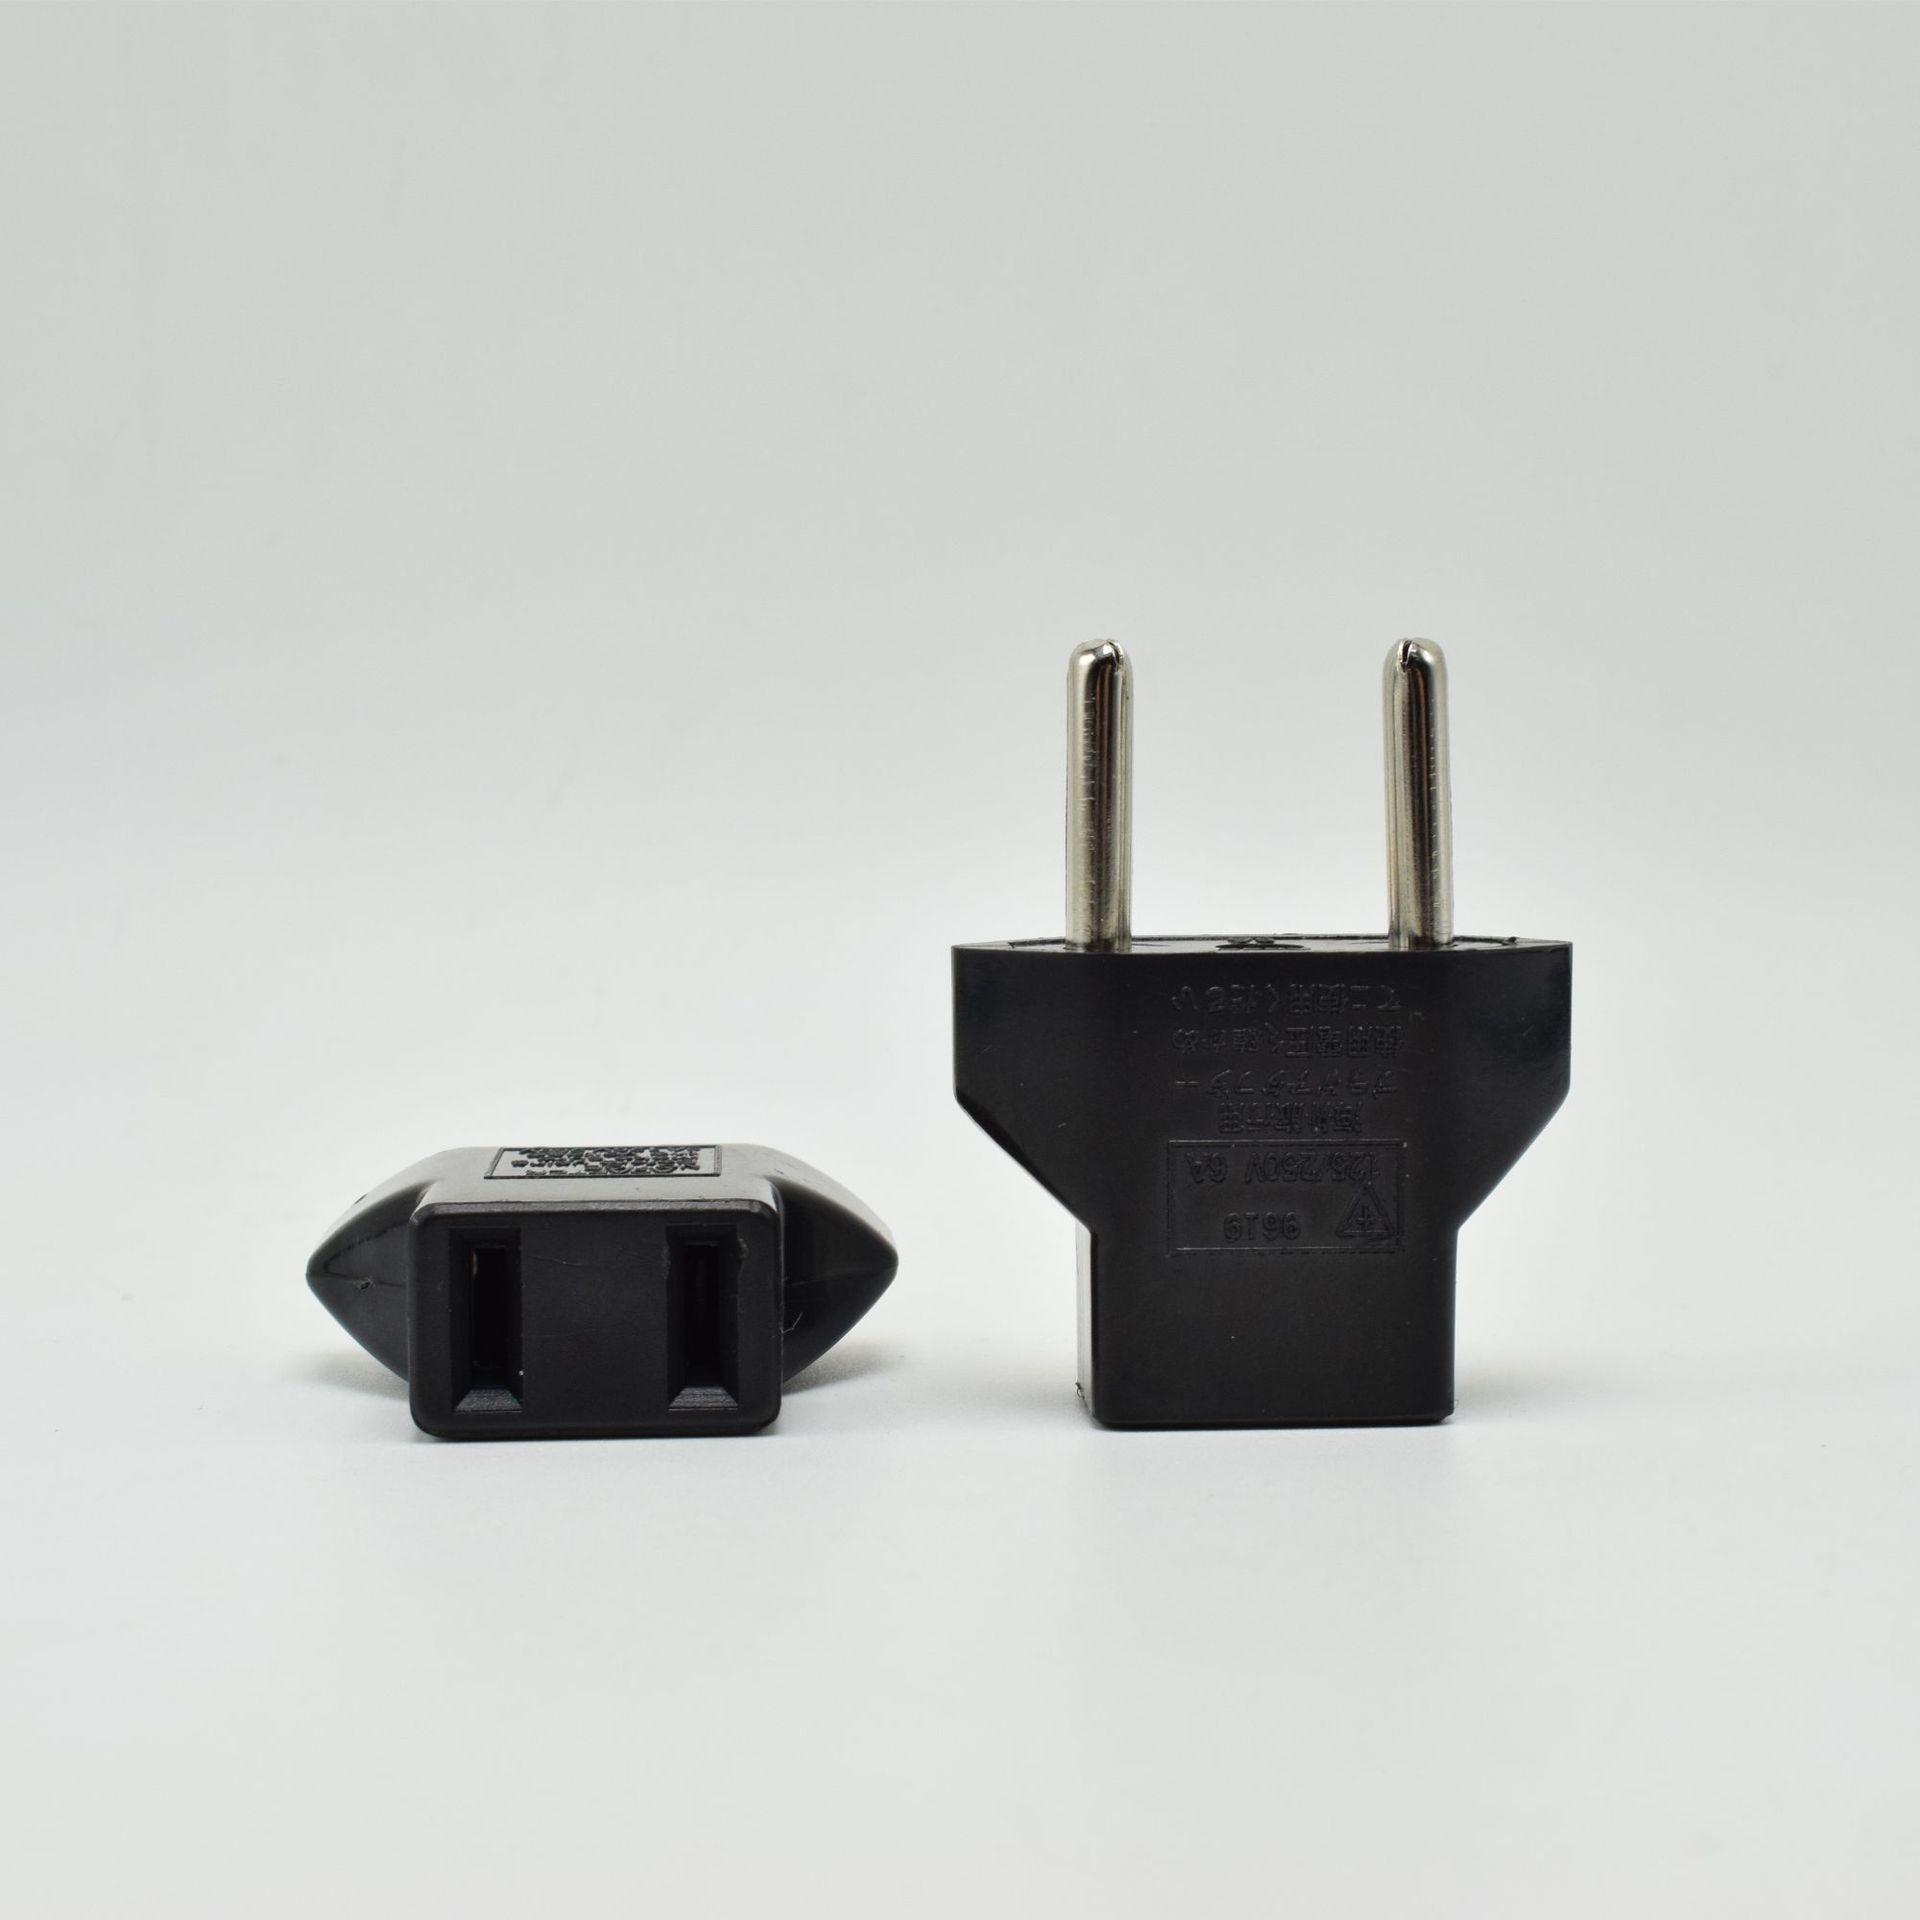 European double plug adapter calorex dehumidifier